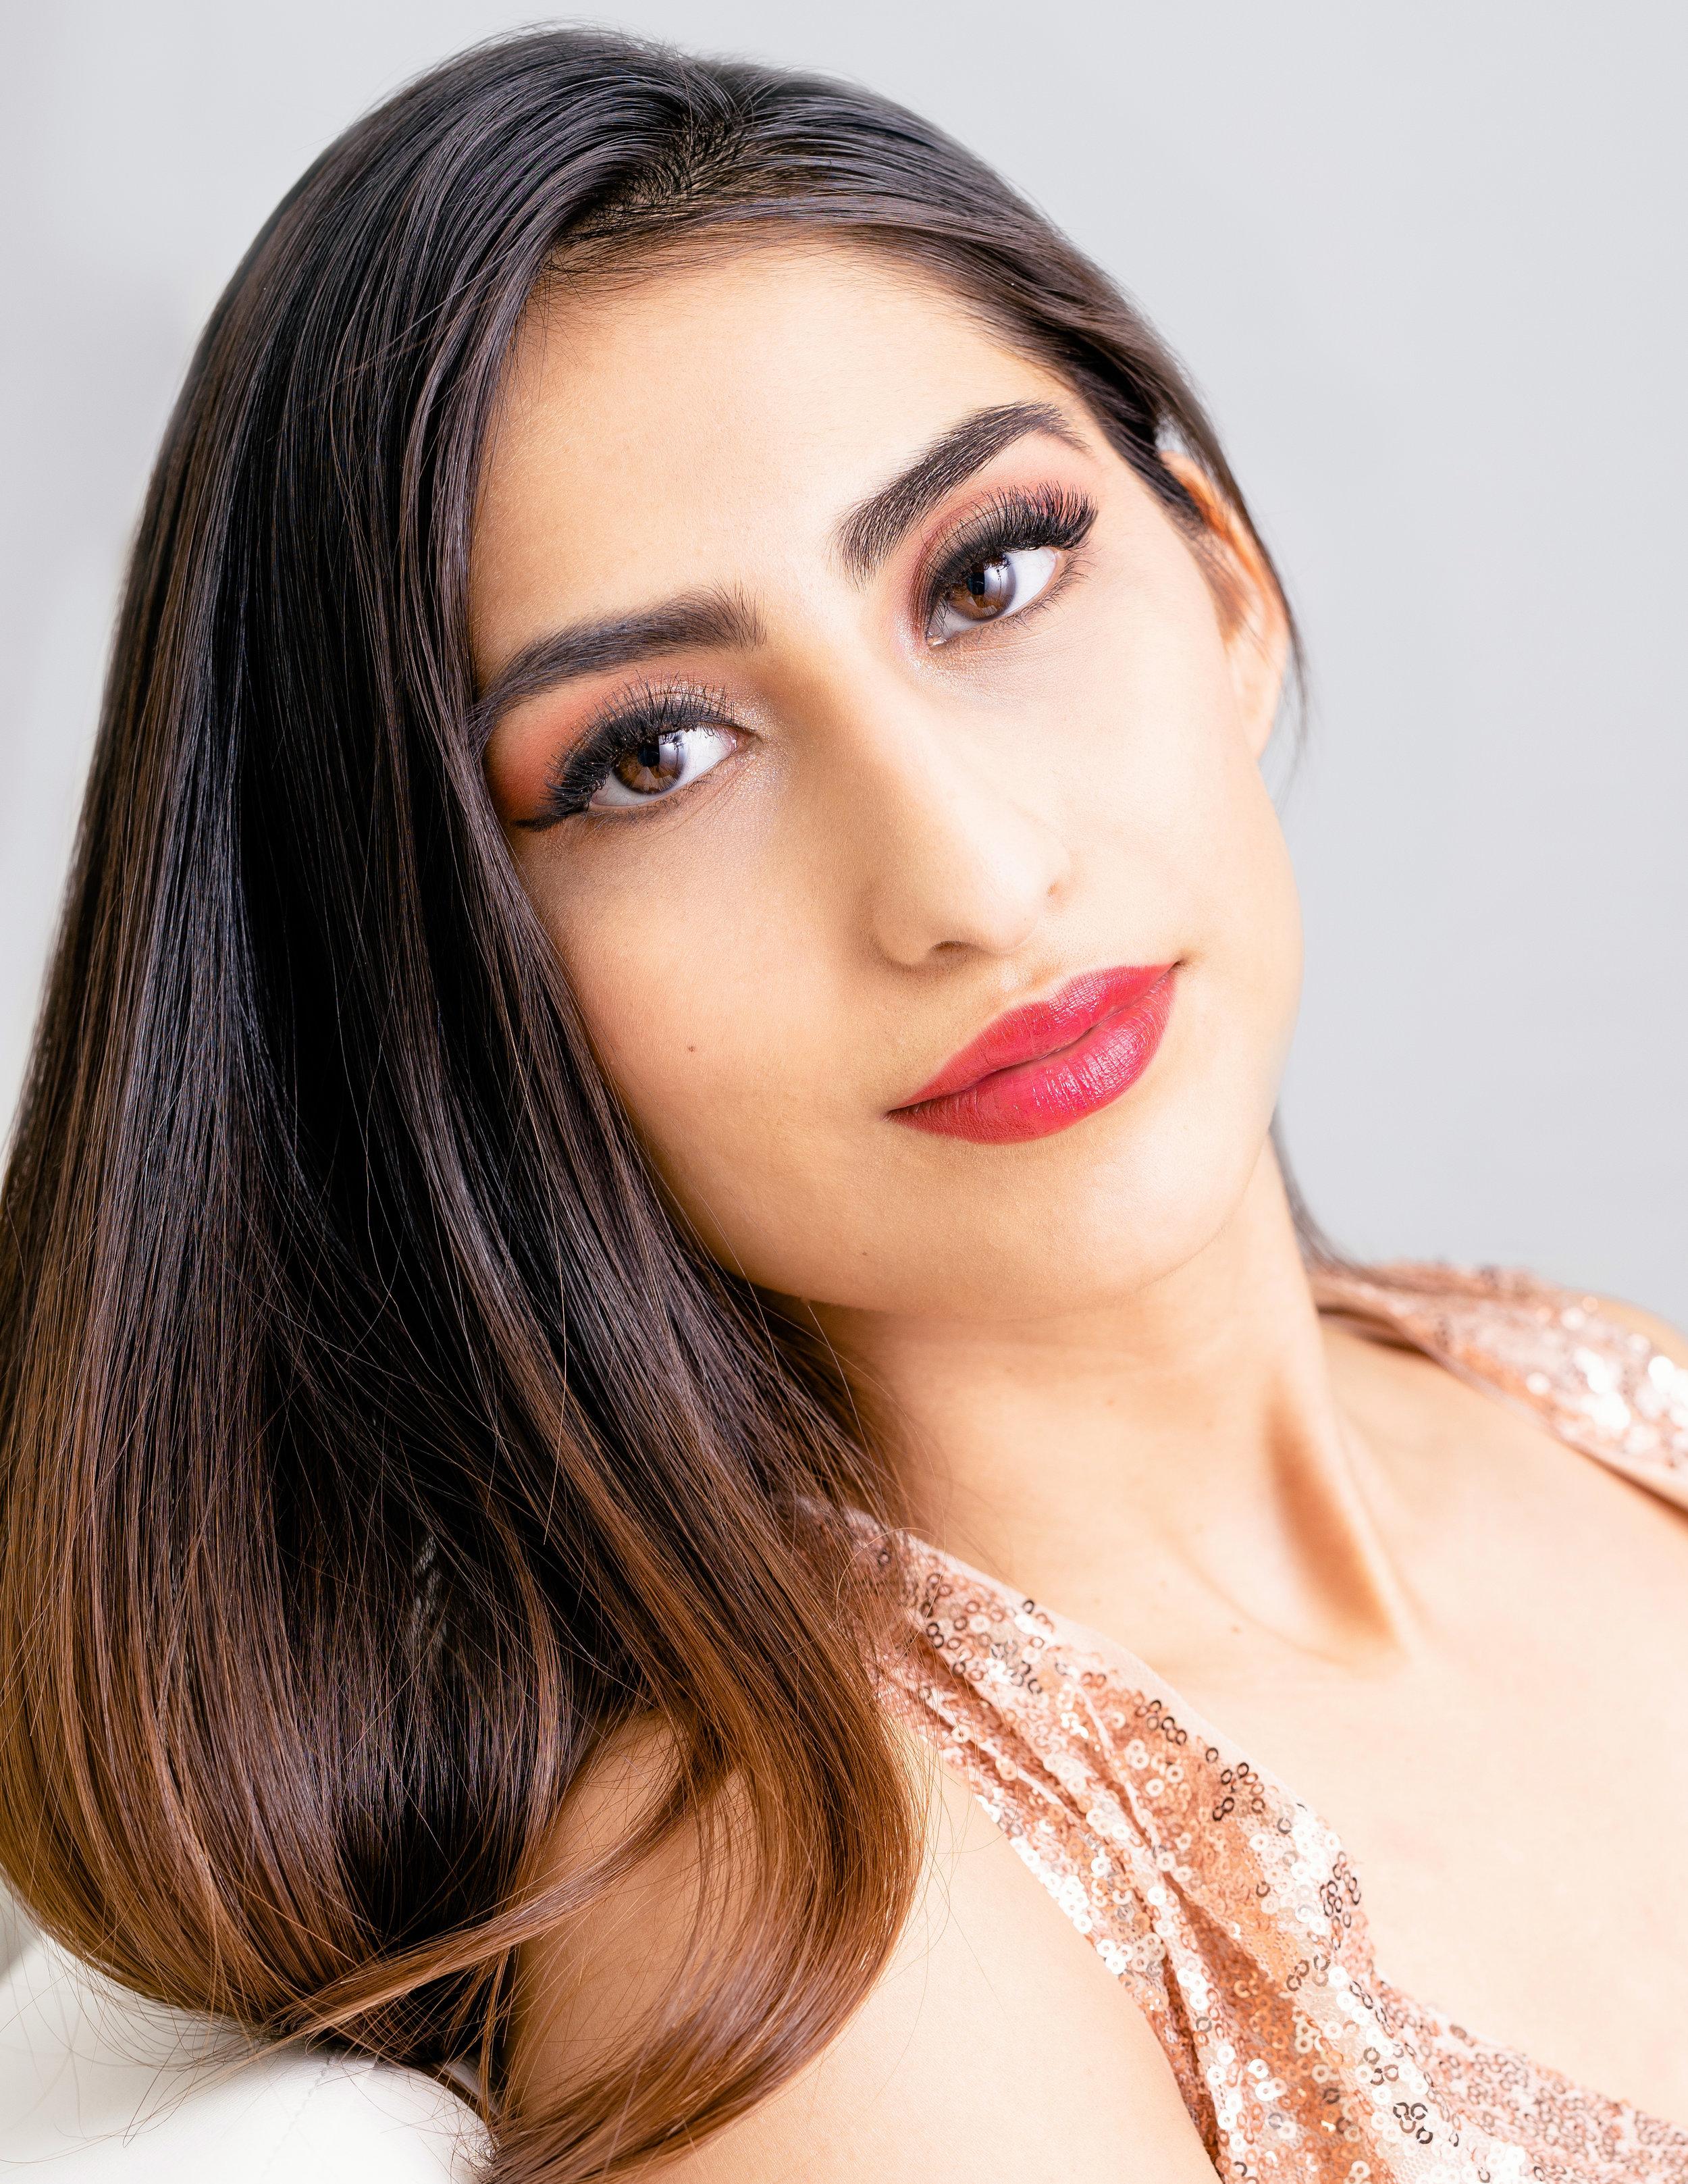 Tricia-Bennett-makeup-hair3.jpg